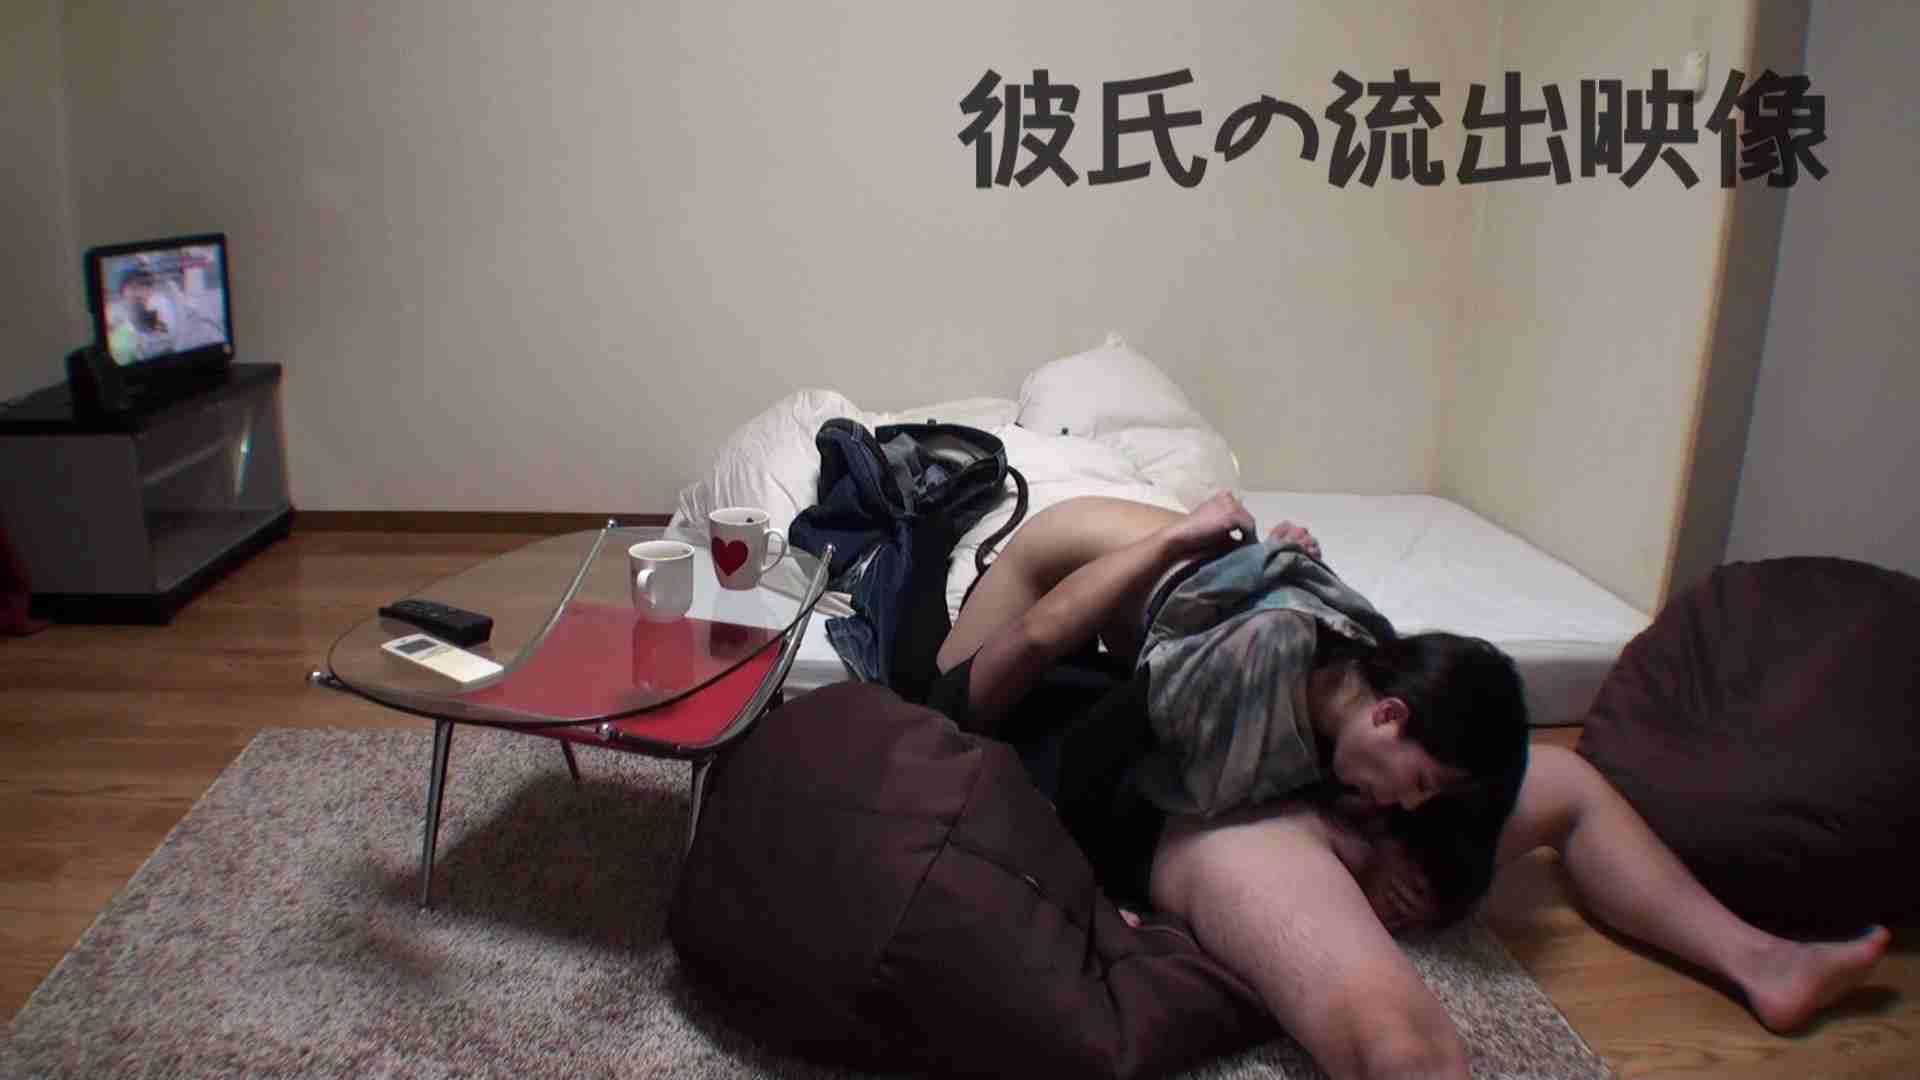 彼氏が流出 パイパン素人嬢のハメ撮り映像02 中出し 隠し撮りオマンコ動画紹介 38連発 23